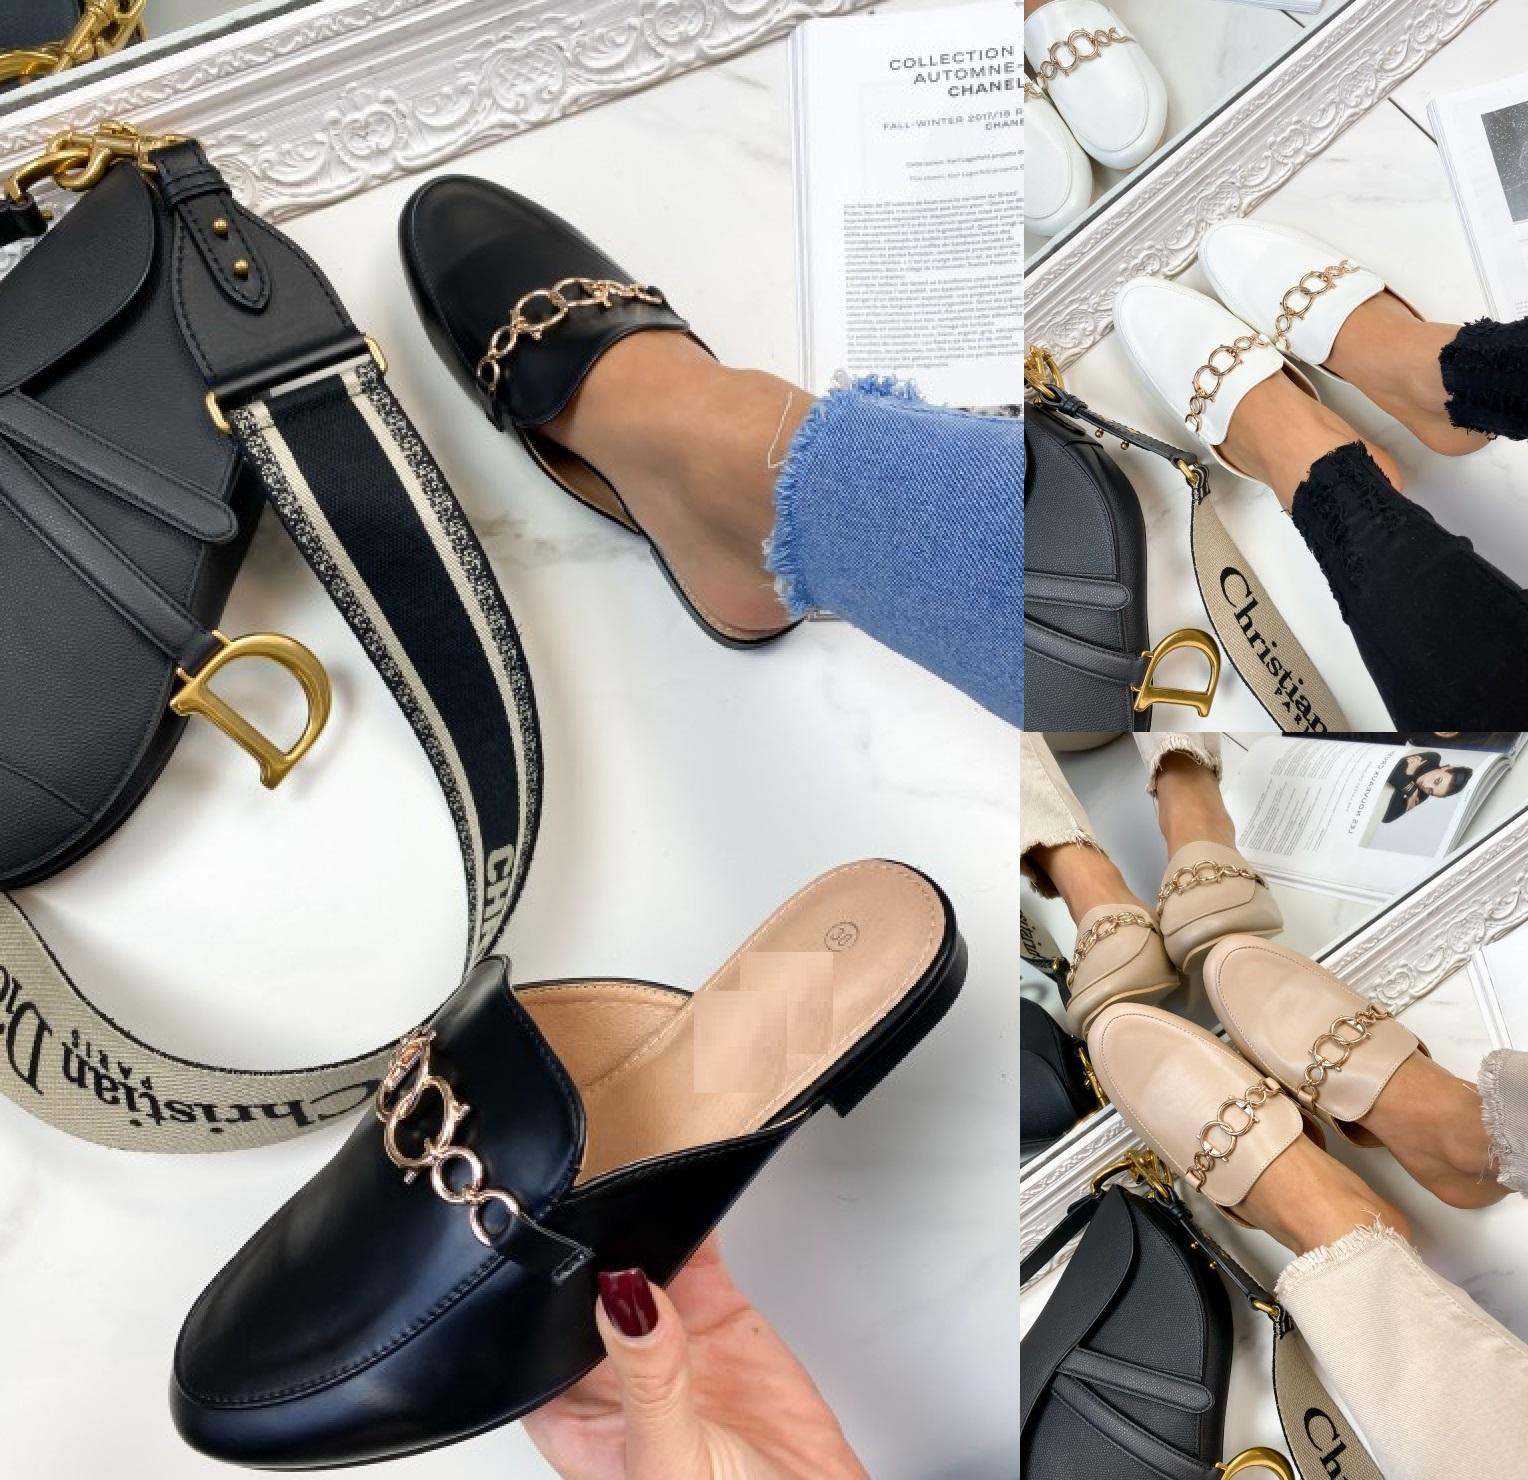 Femme Femmes Été à Enfiler Confortable Flats Boucle curseurs Mules Sandales Chaussures Taille